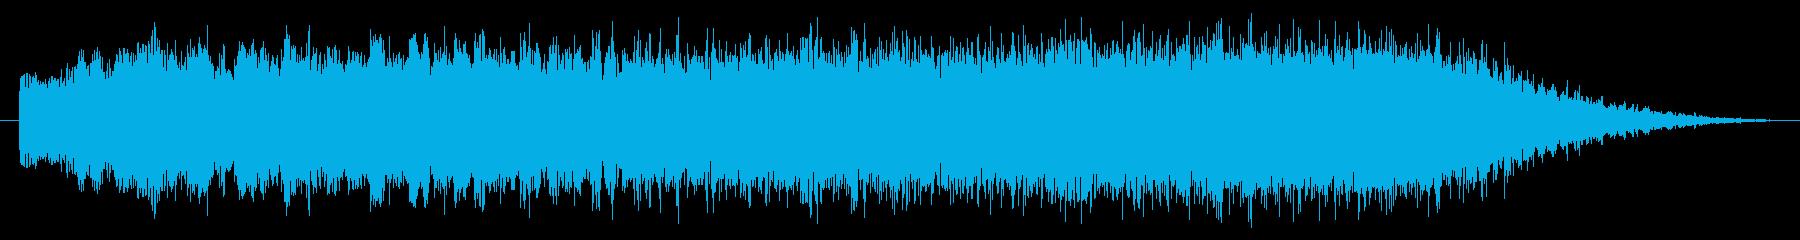 素材 シンセライザー01の再生済みの波形